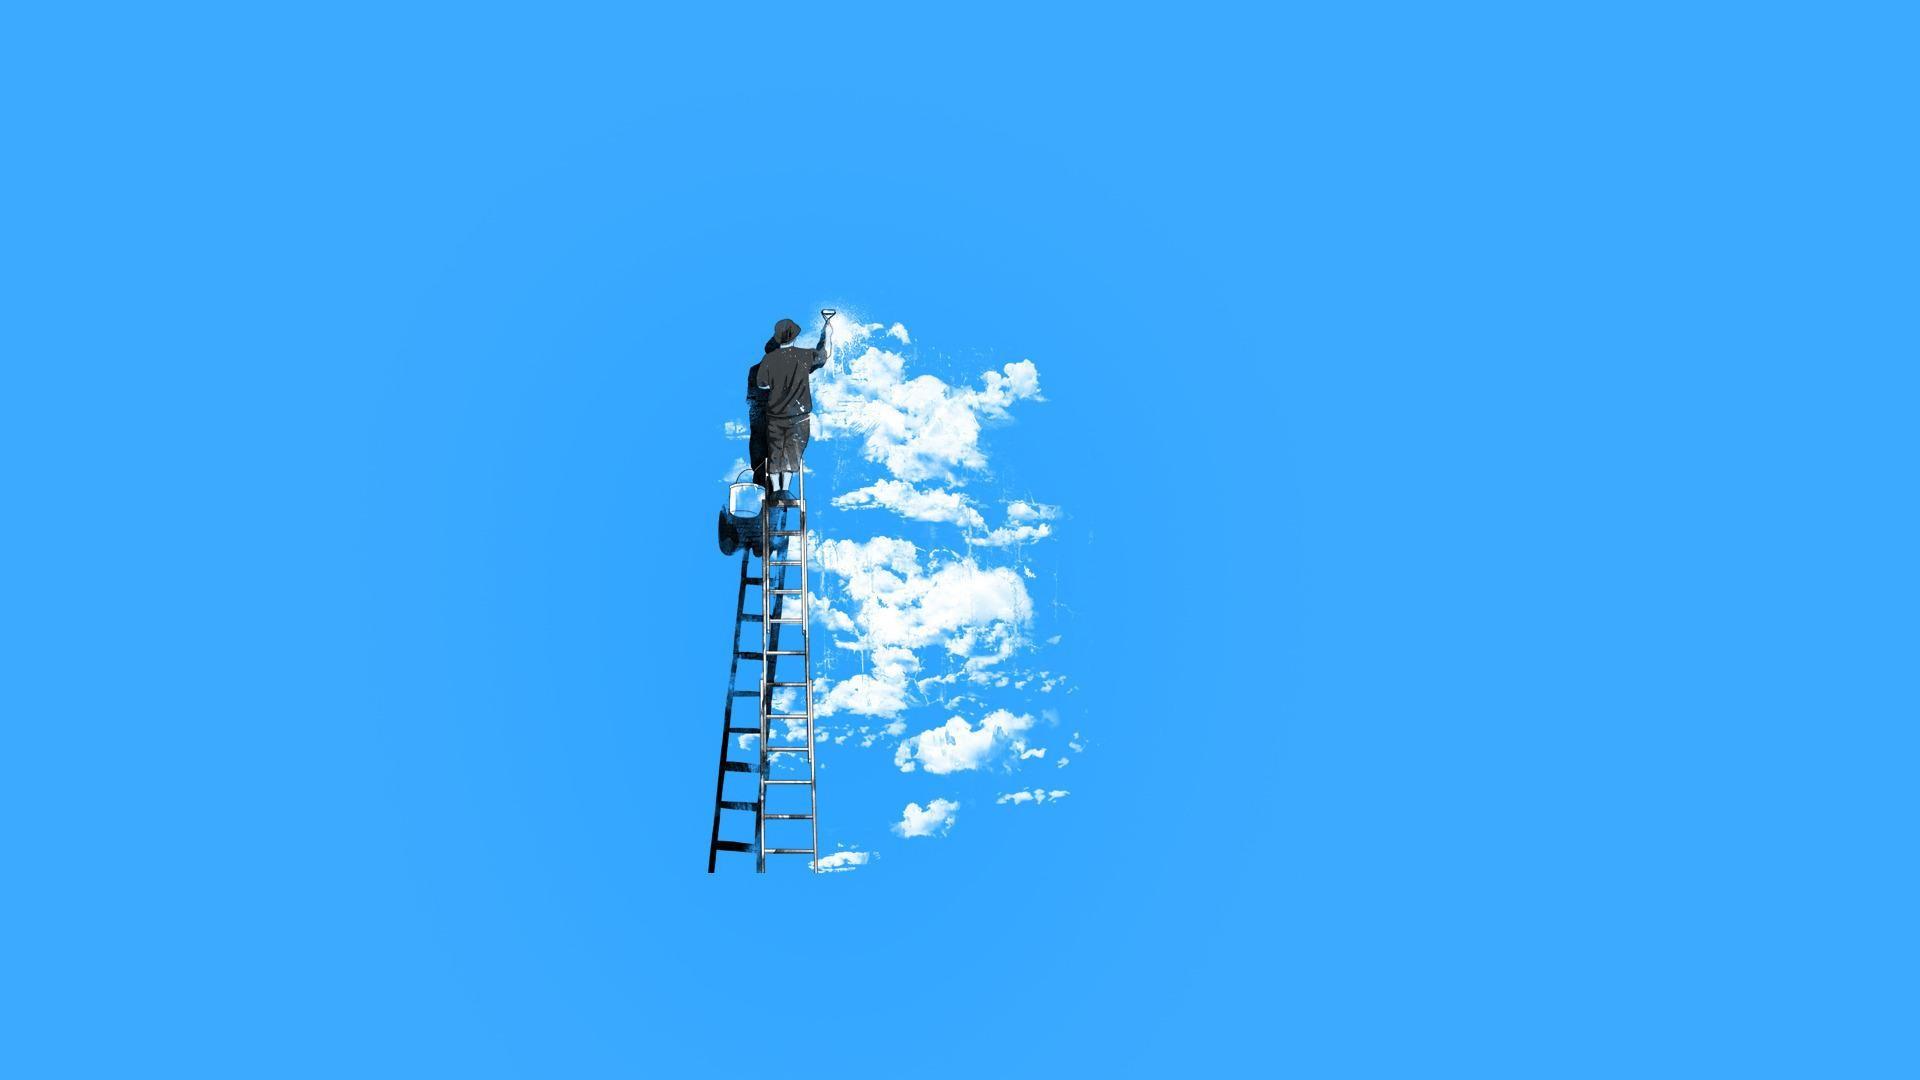 clouds hd wallpaper minimalist - photo #36